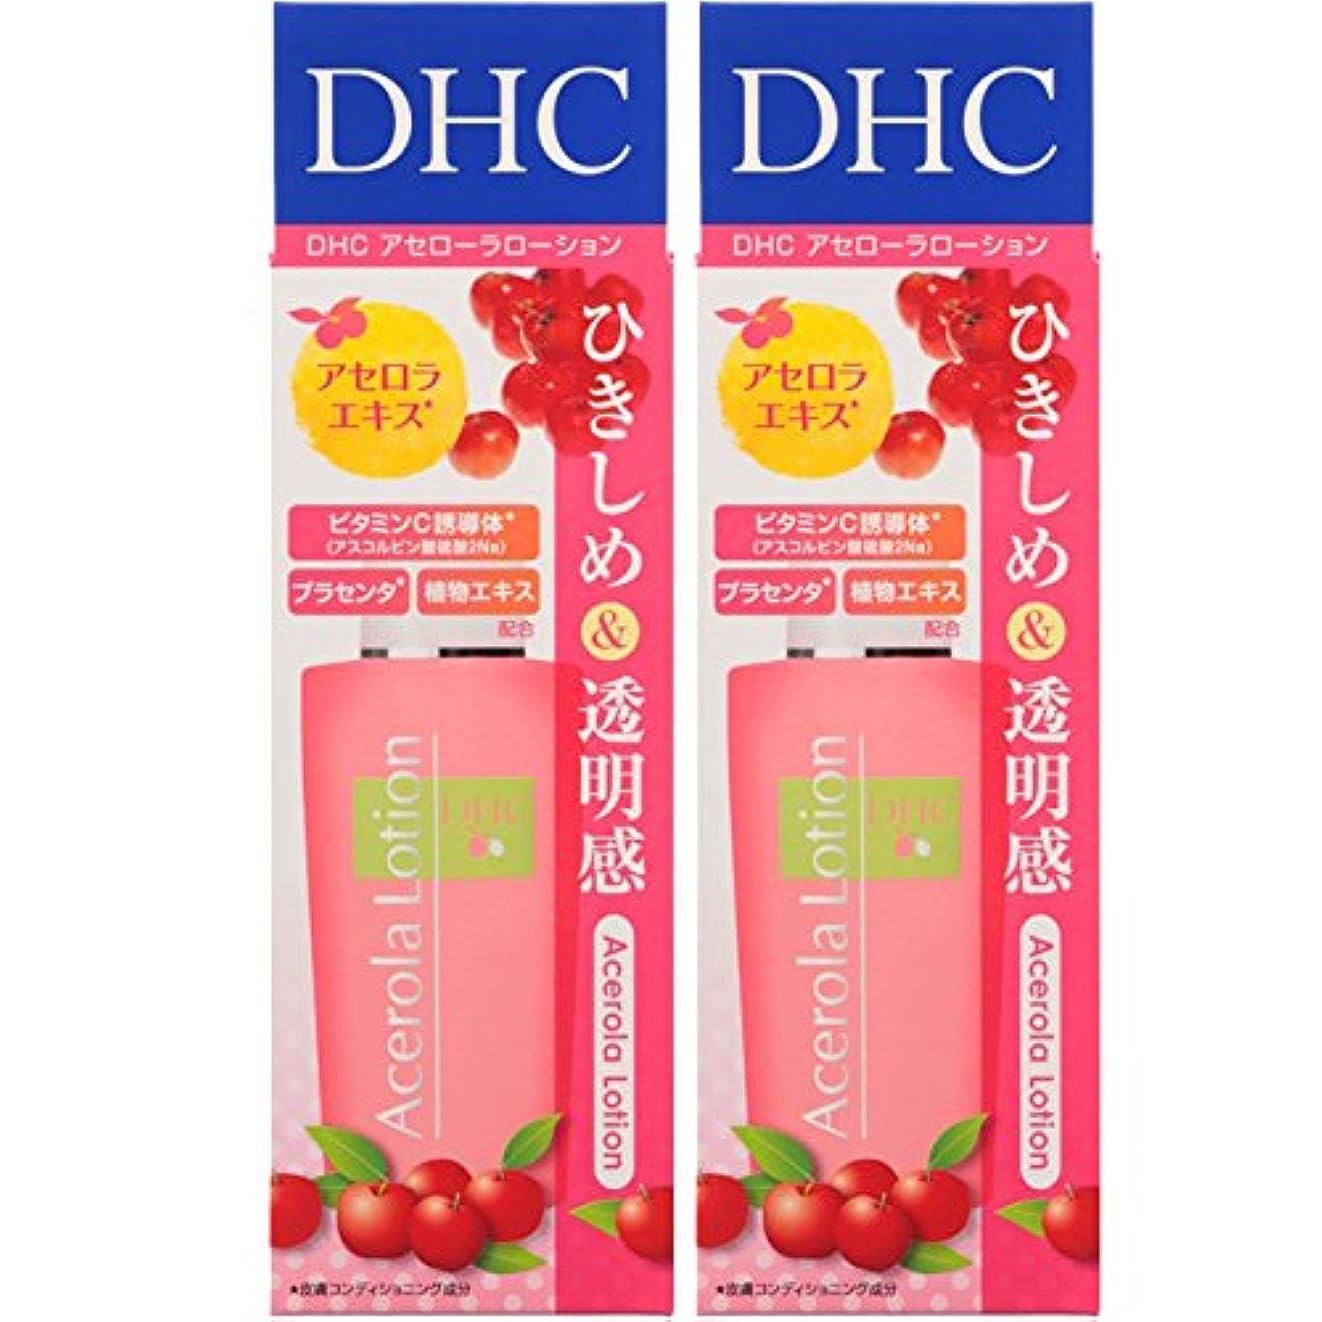 に対処する無駄歪める【セット品】DHC アセロラローション (SS) 40ml 2個セット